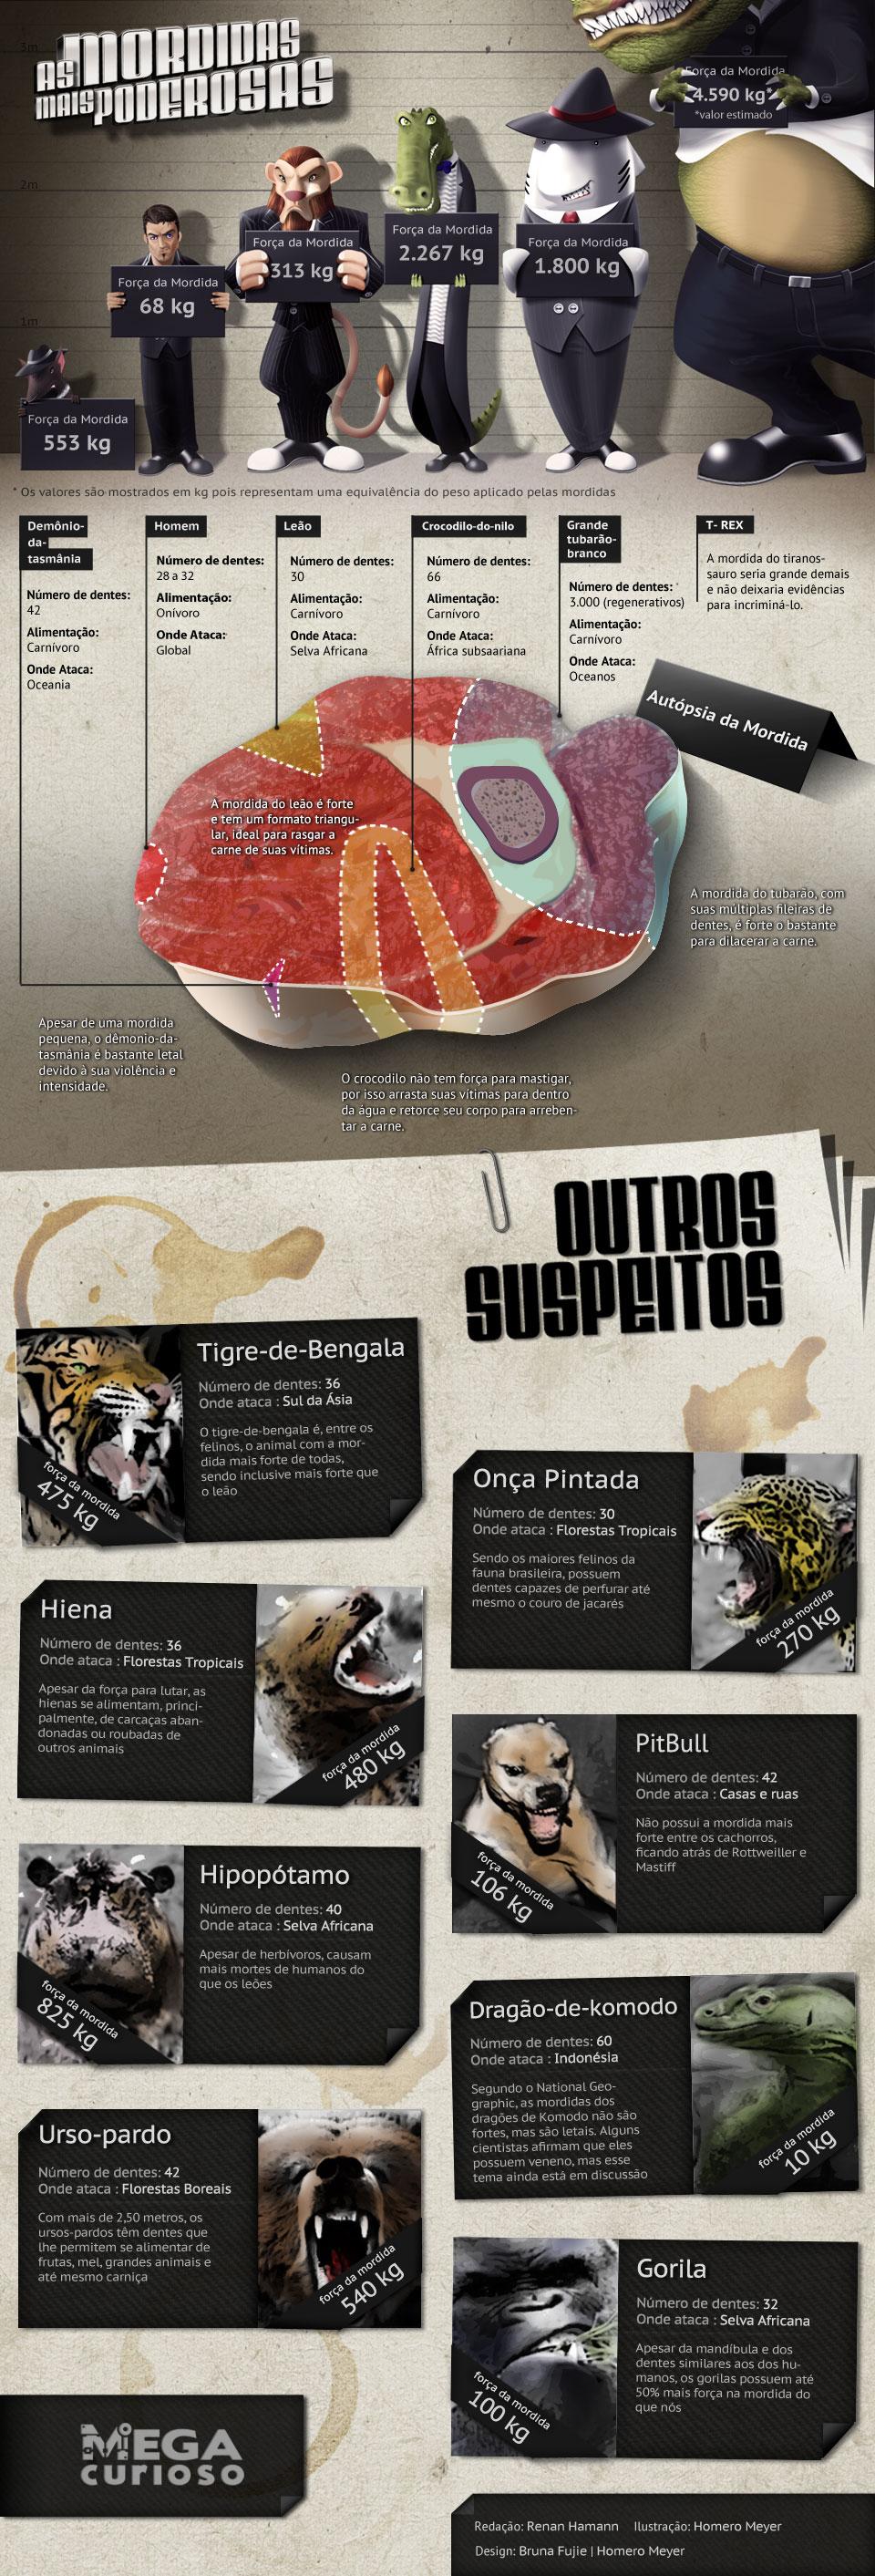 infografico-mordidas-mais-poderosas